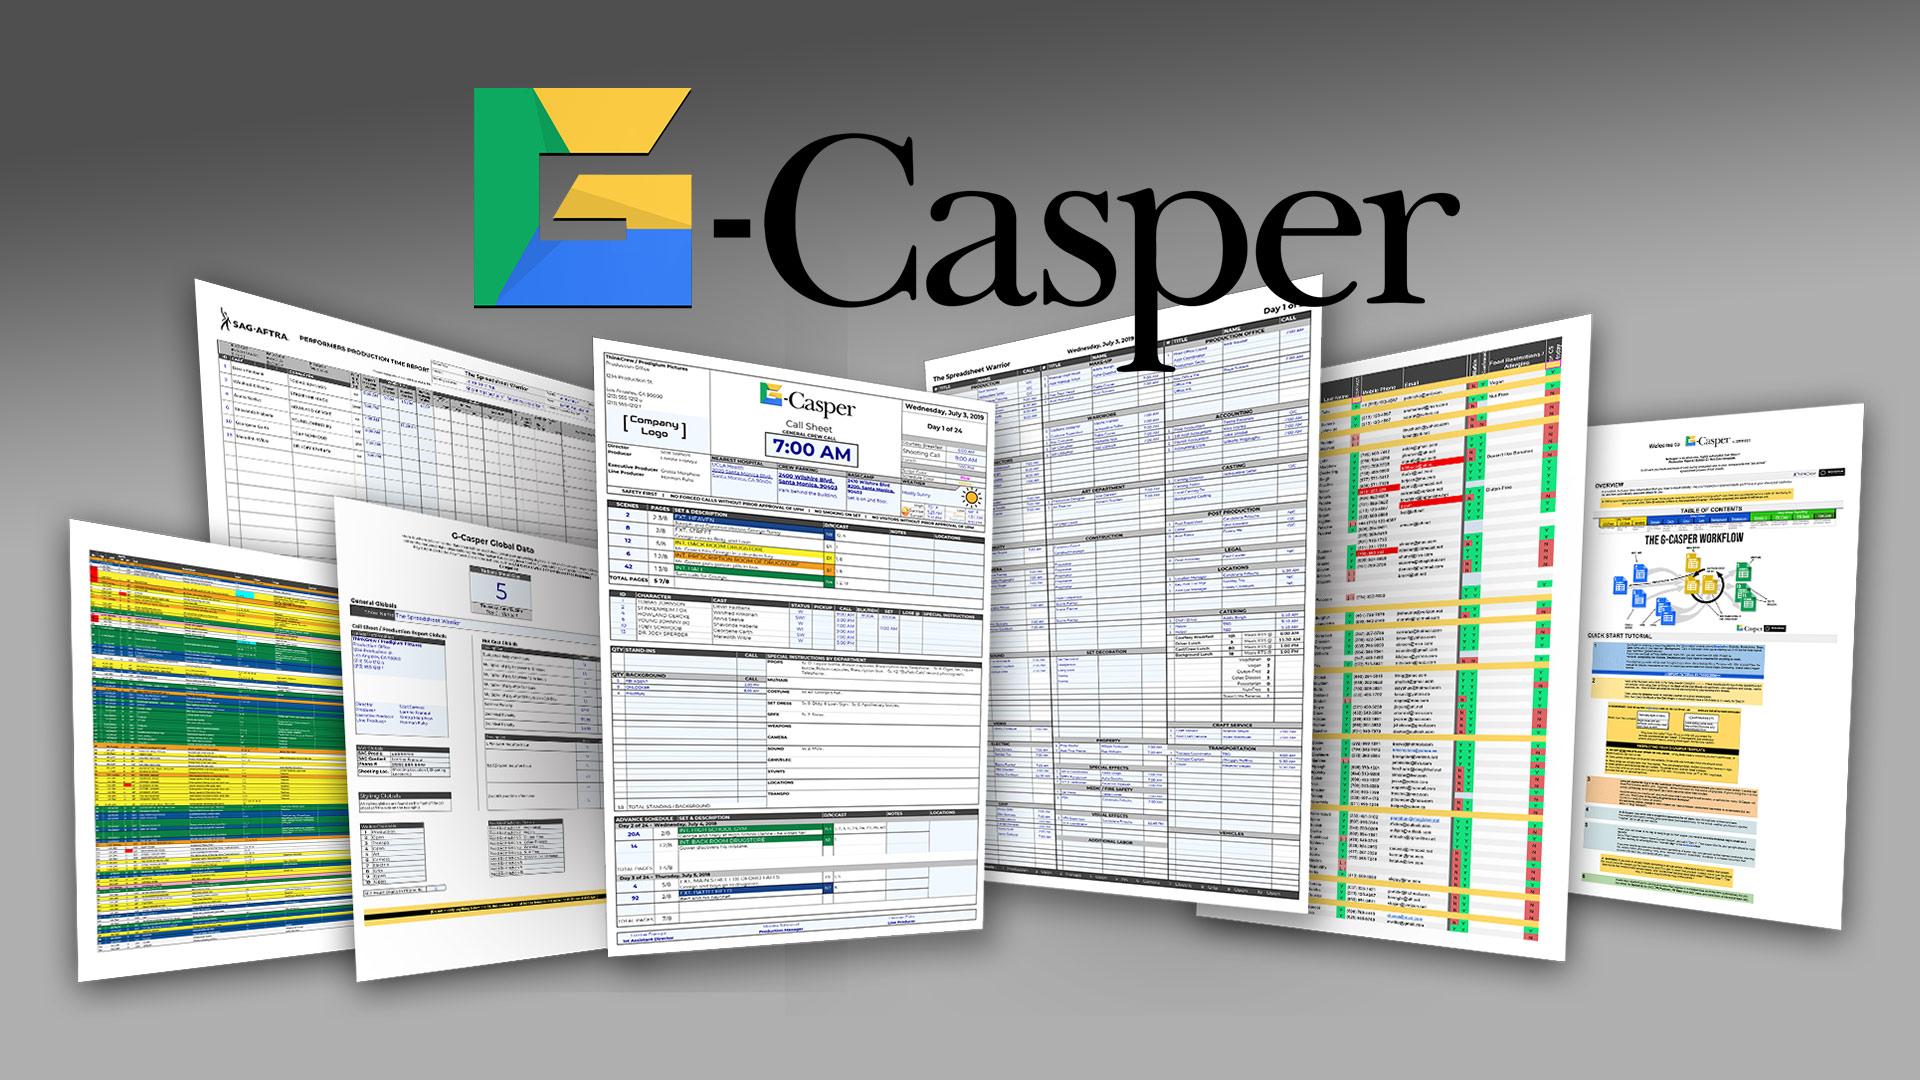 G-Casper - Herramienta gratuita basada en la nube para hojas de llamadas fáciles